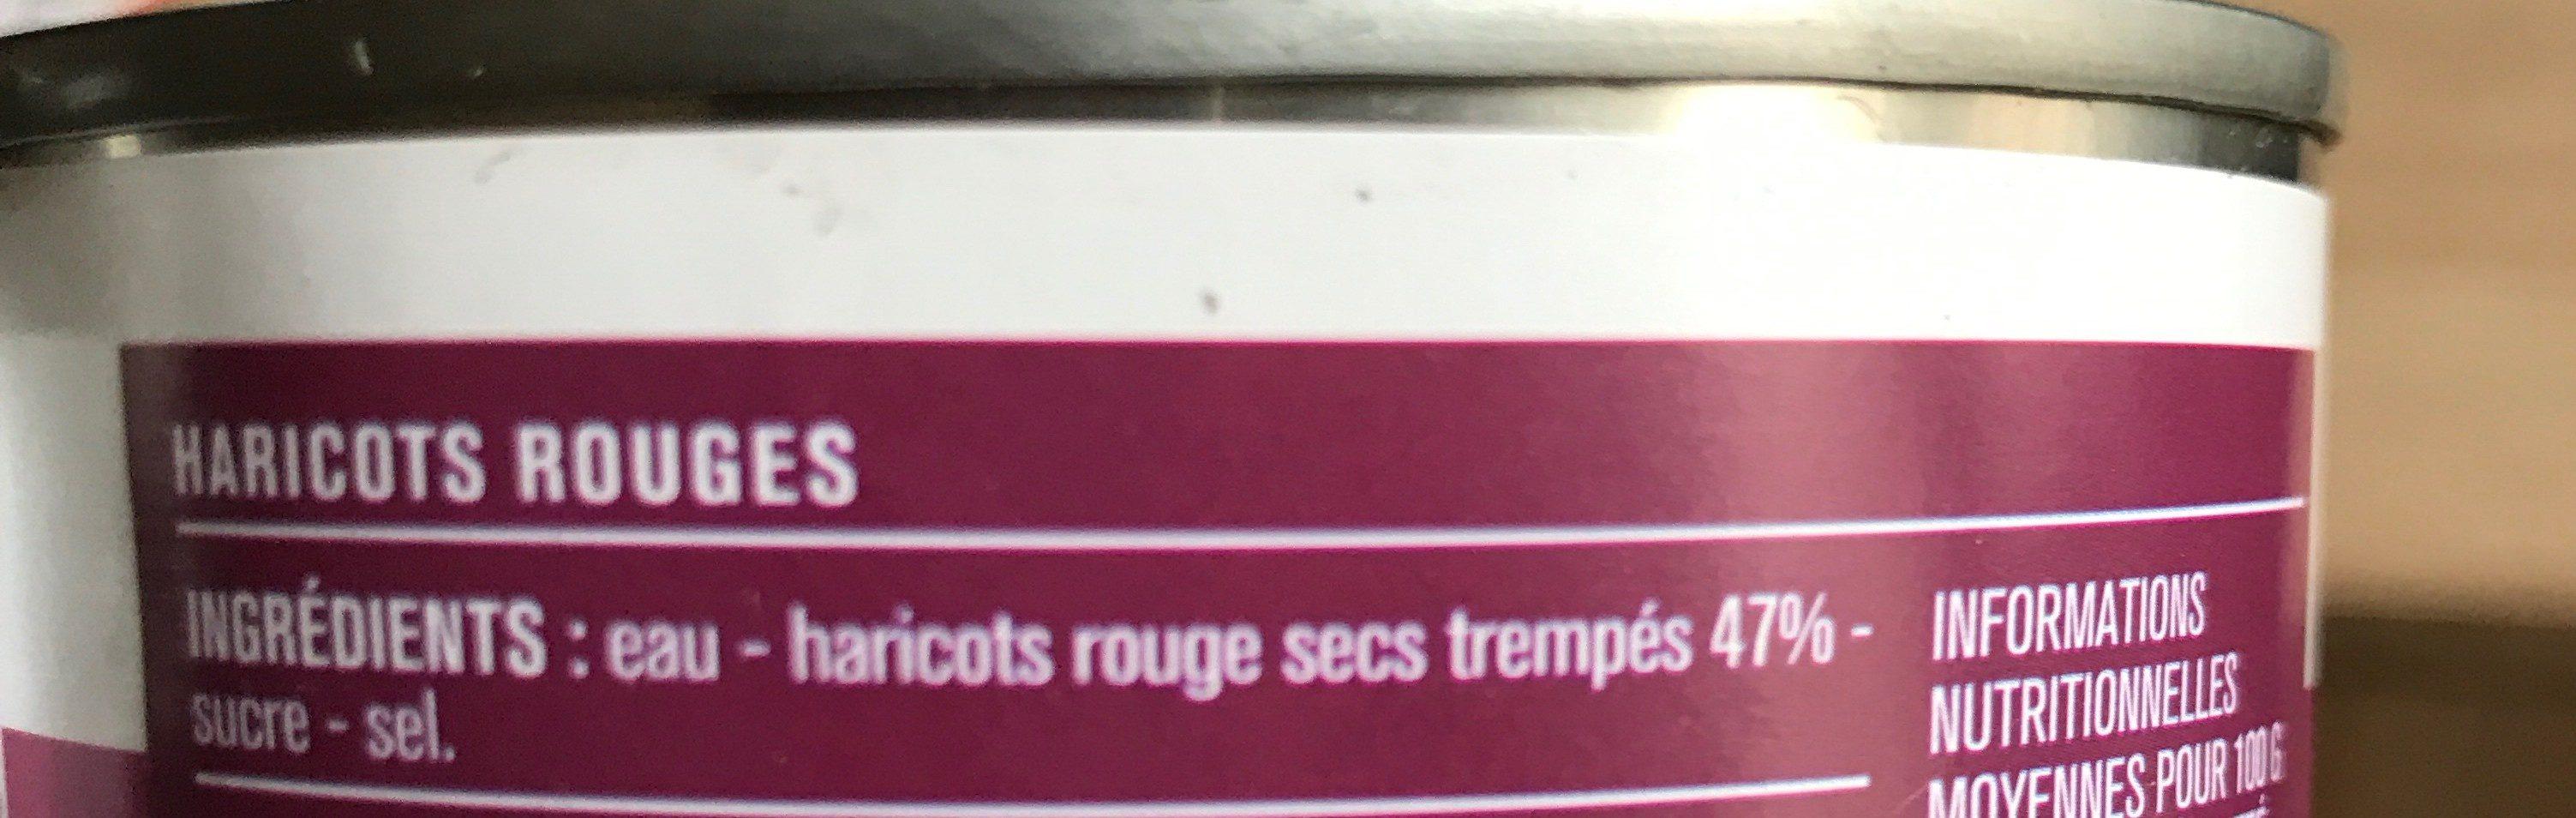 Haricots rouges - Ingrédients - fr